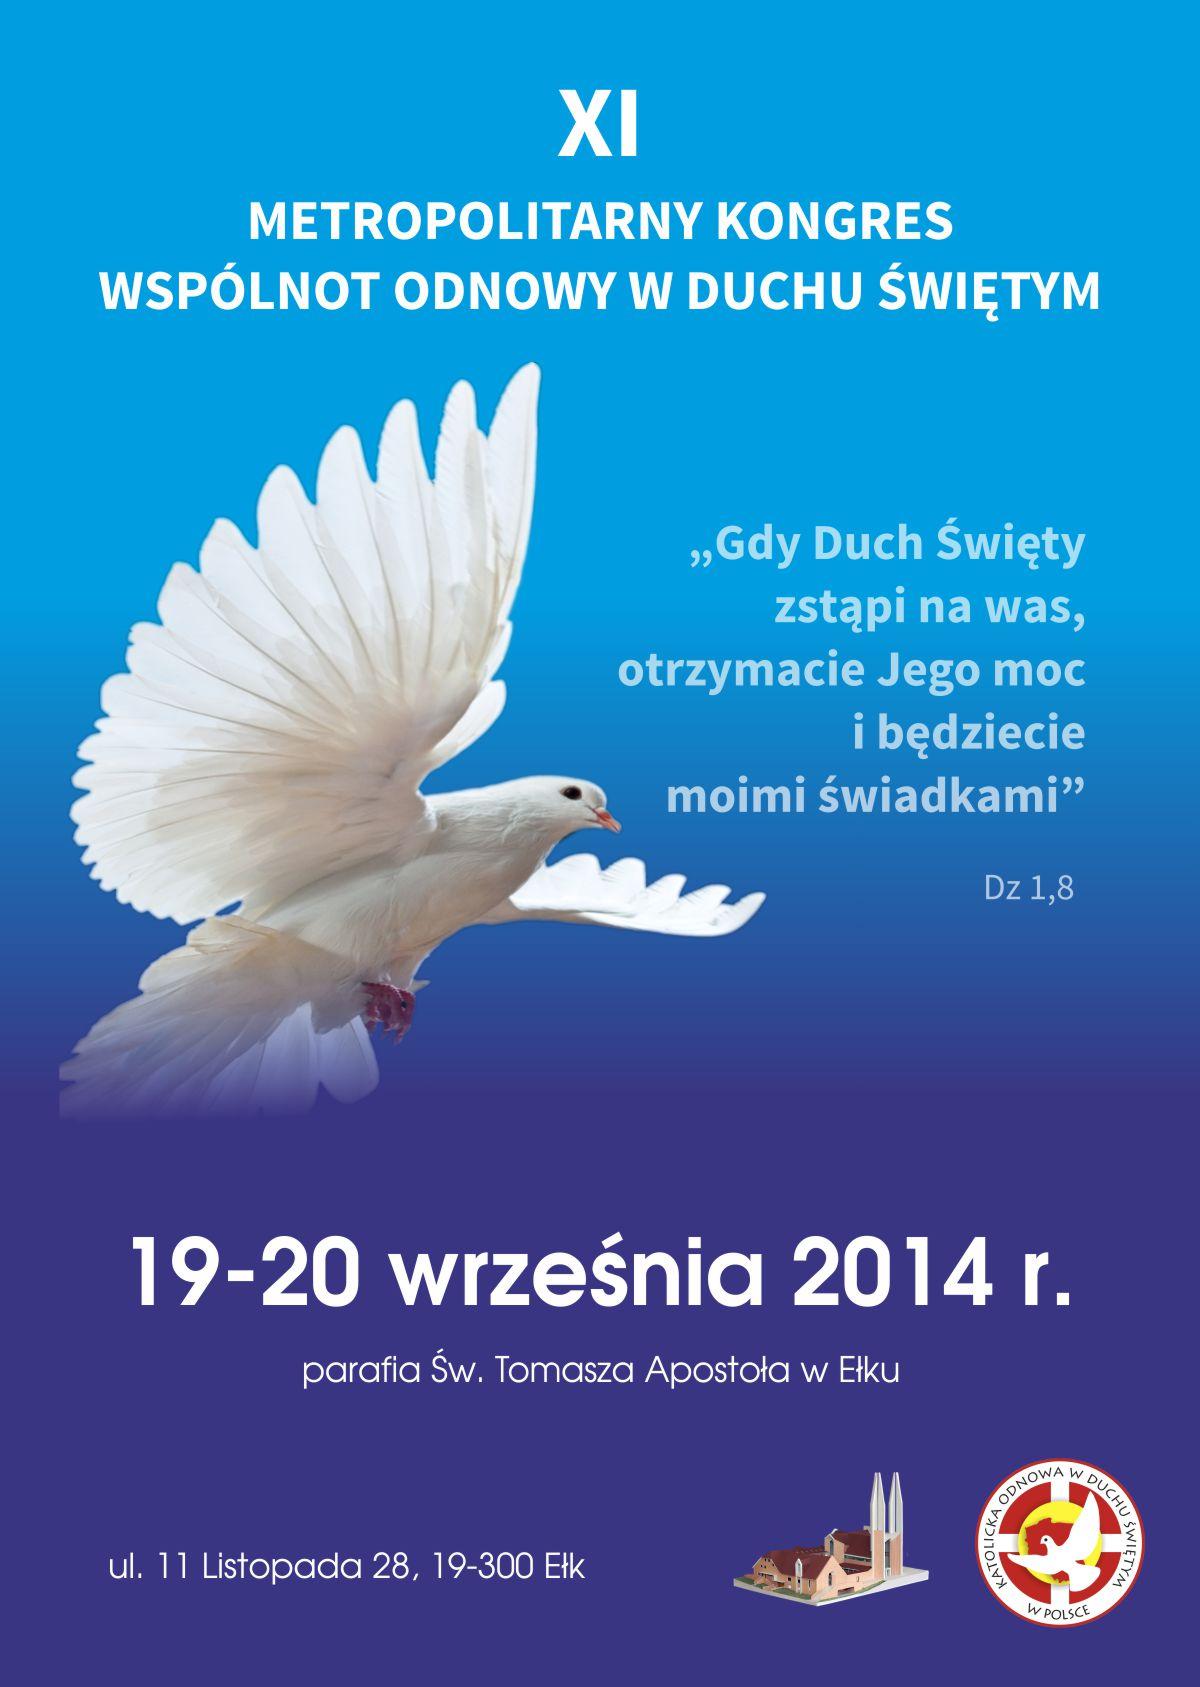 Plakat_XI_Metropolitarny_Kongres_Odnowy_w_Duchu_Świętym_2014